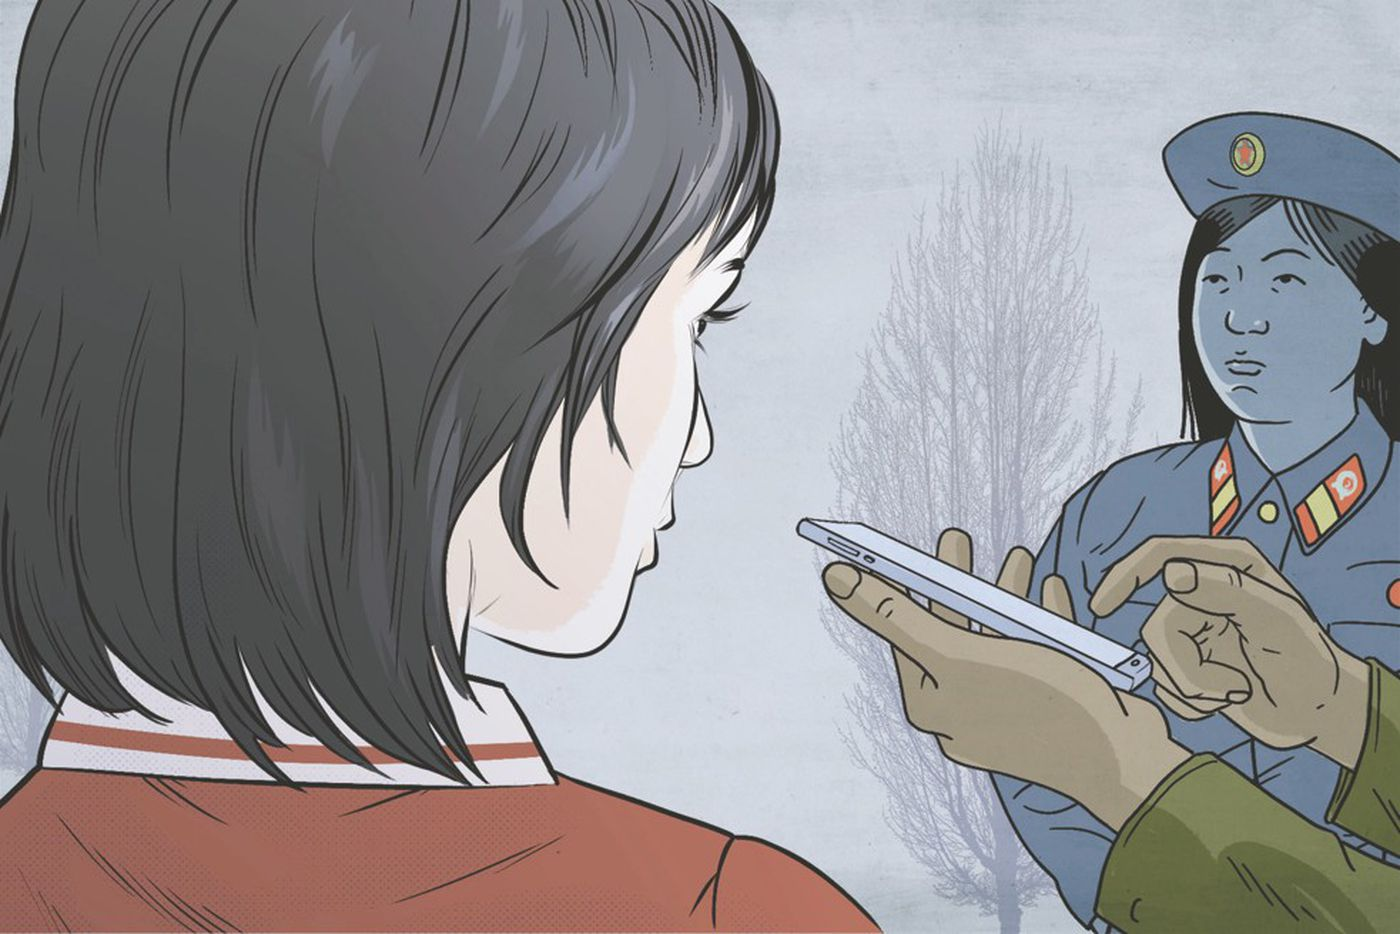 Illustration by Dominic Bugatto